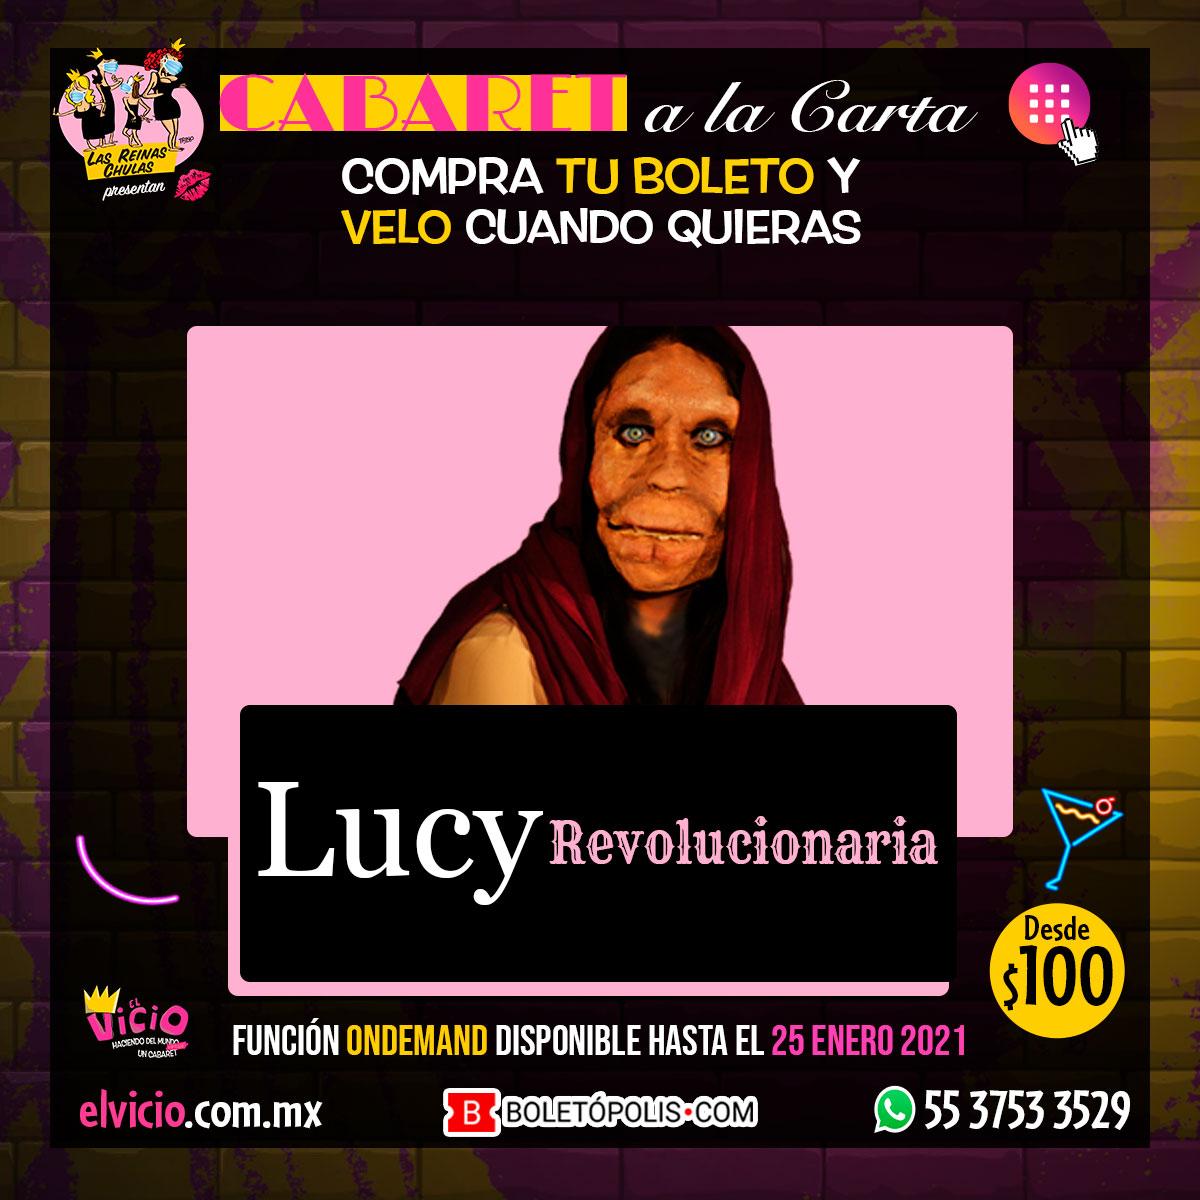 Lucy Revolucionaria